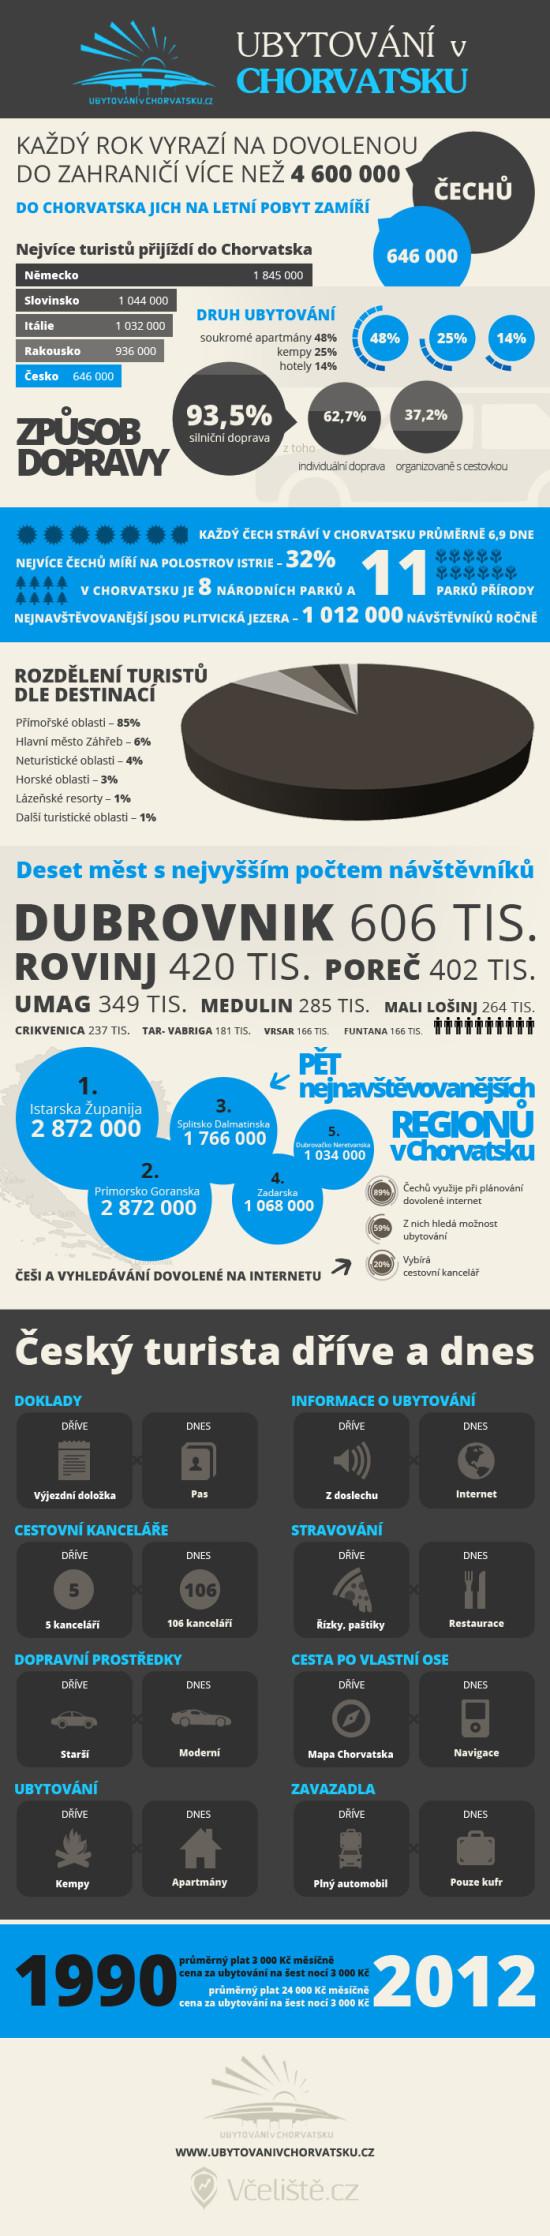 Ubytování v Chorvatsku - infografika